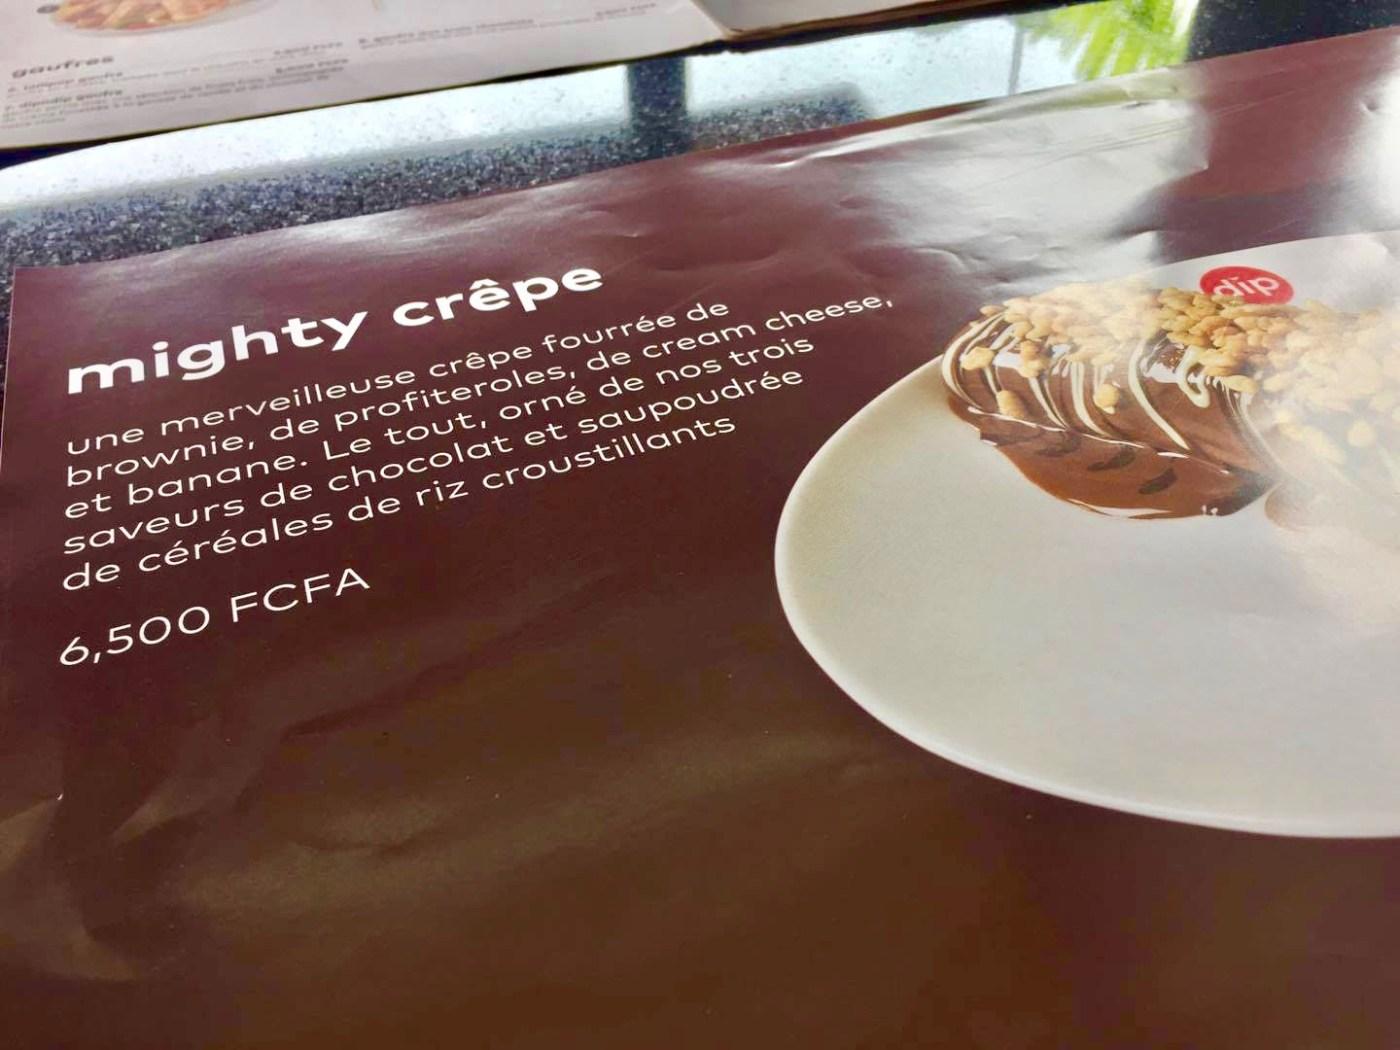 À la découverte de la Mighty Crêpe de DipnDip, serialfoodie, food, foodie, review